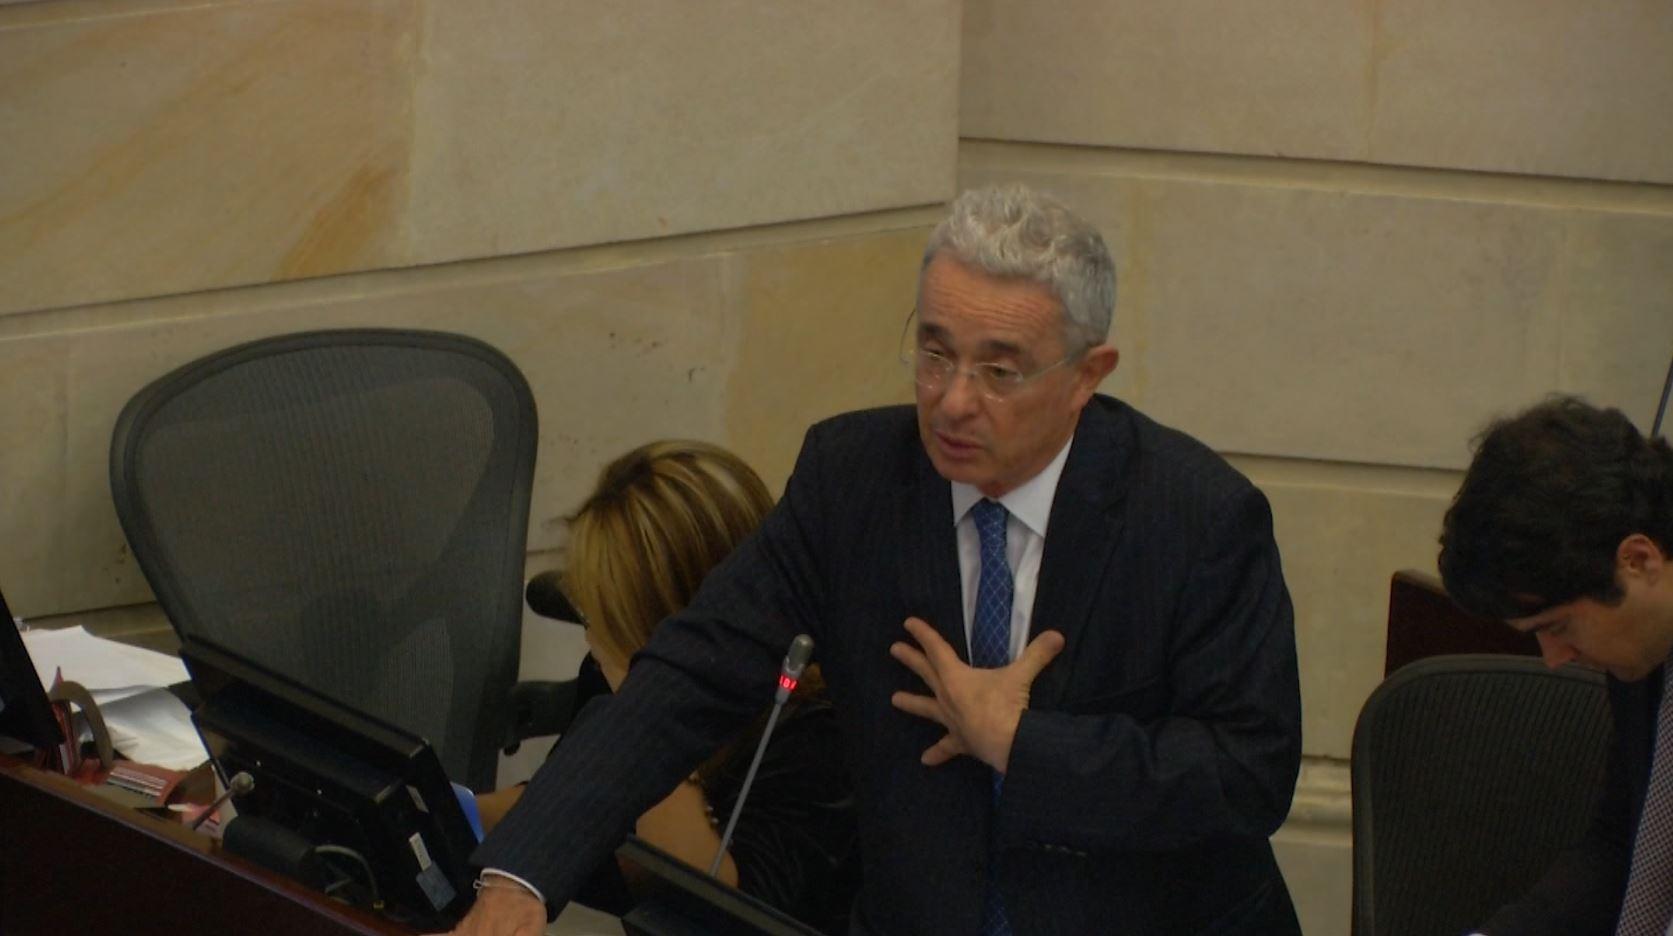 El enérgico llamado de Álvaro Uribe pidiéndole claridad al ministro Carrasquilla